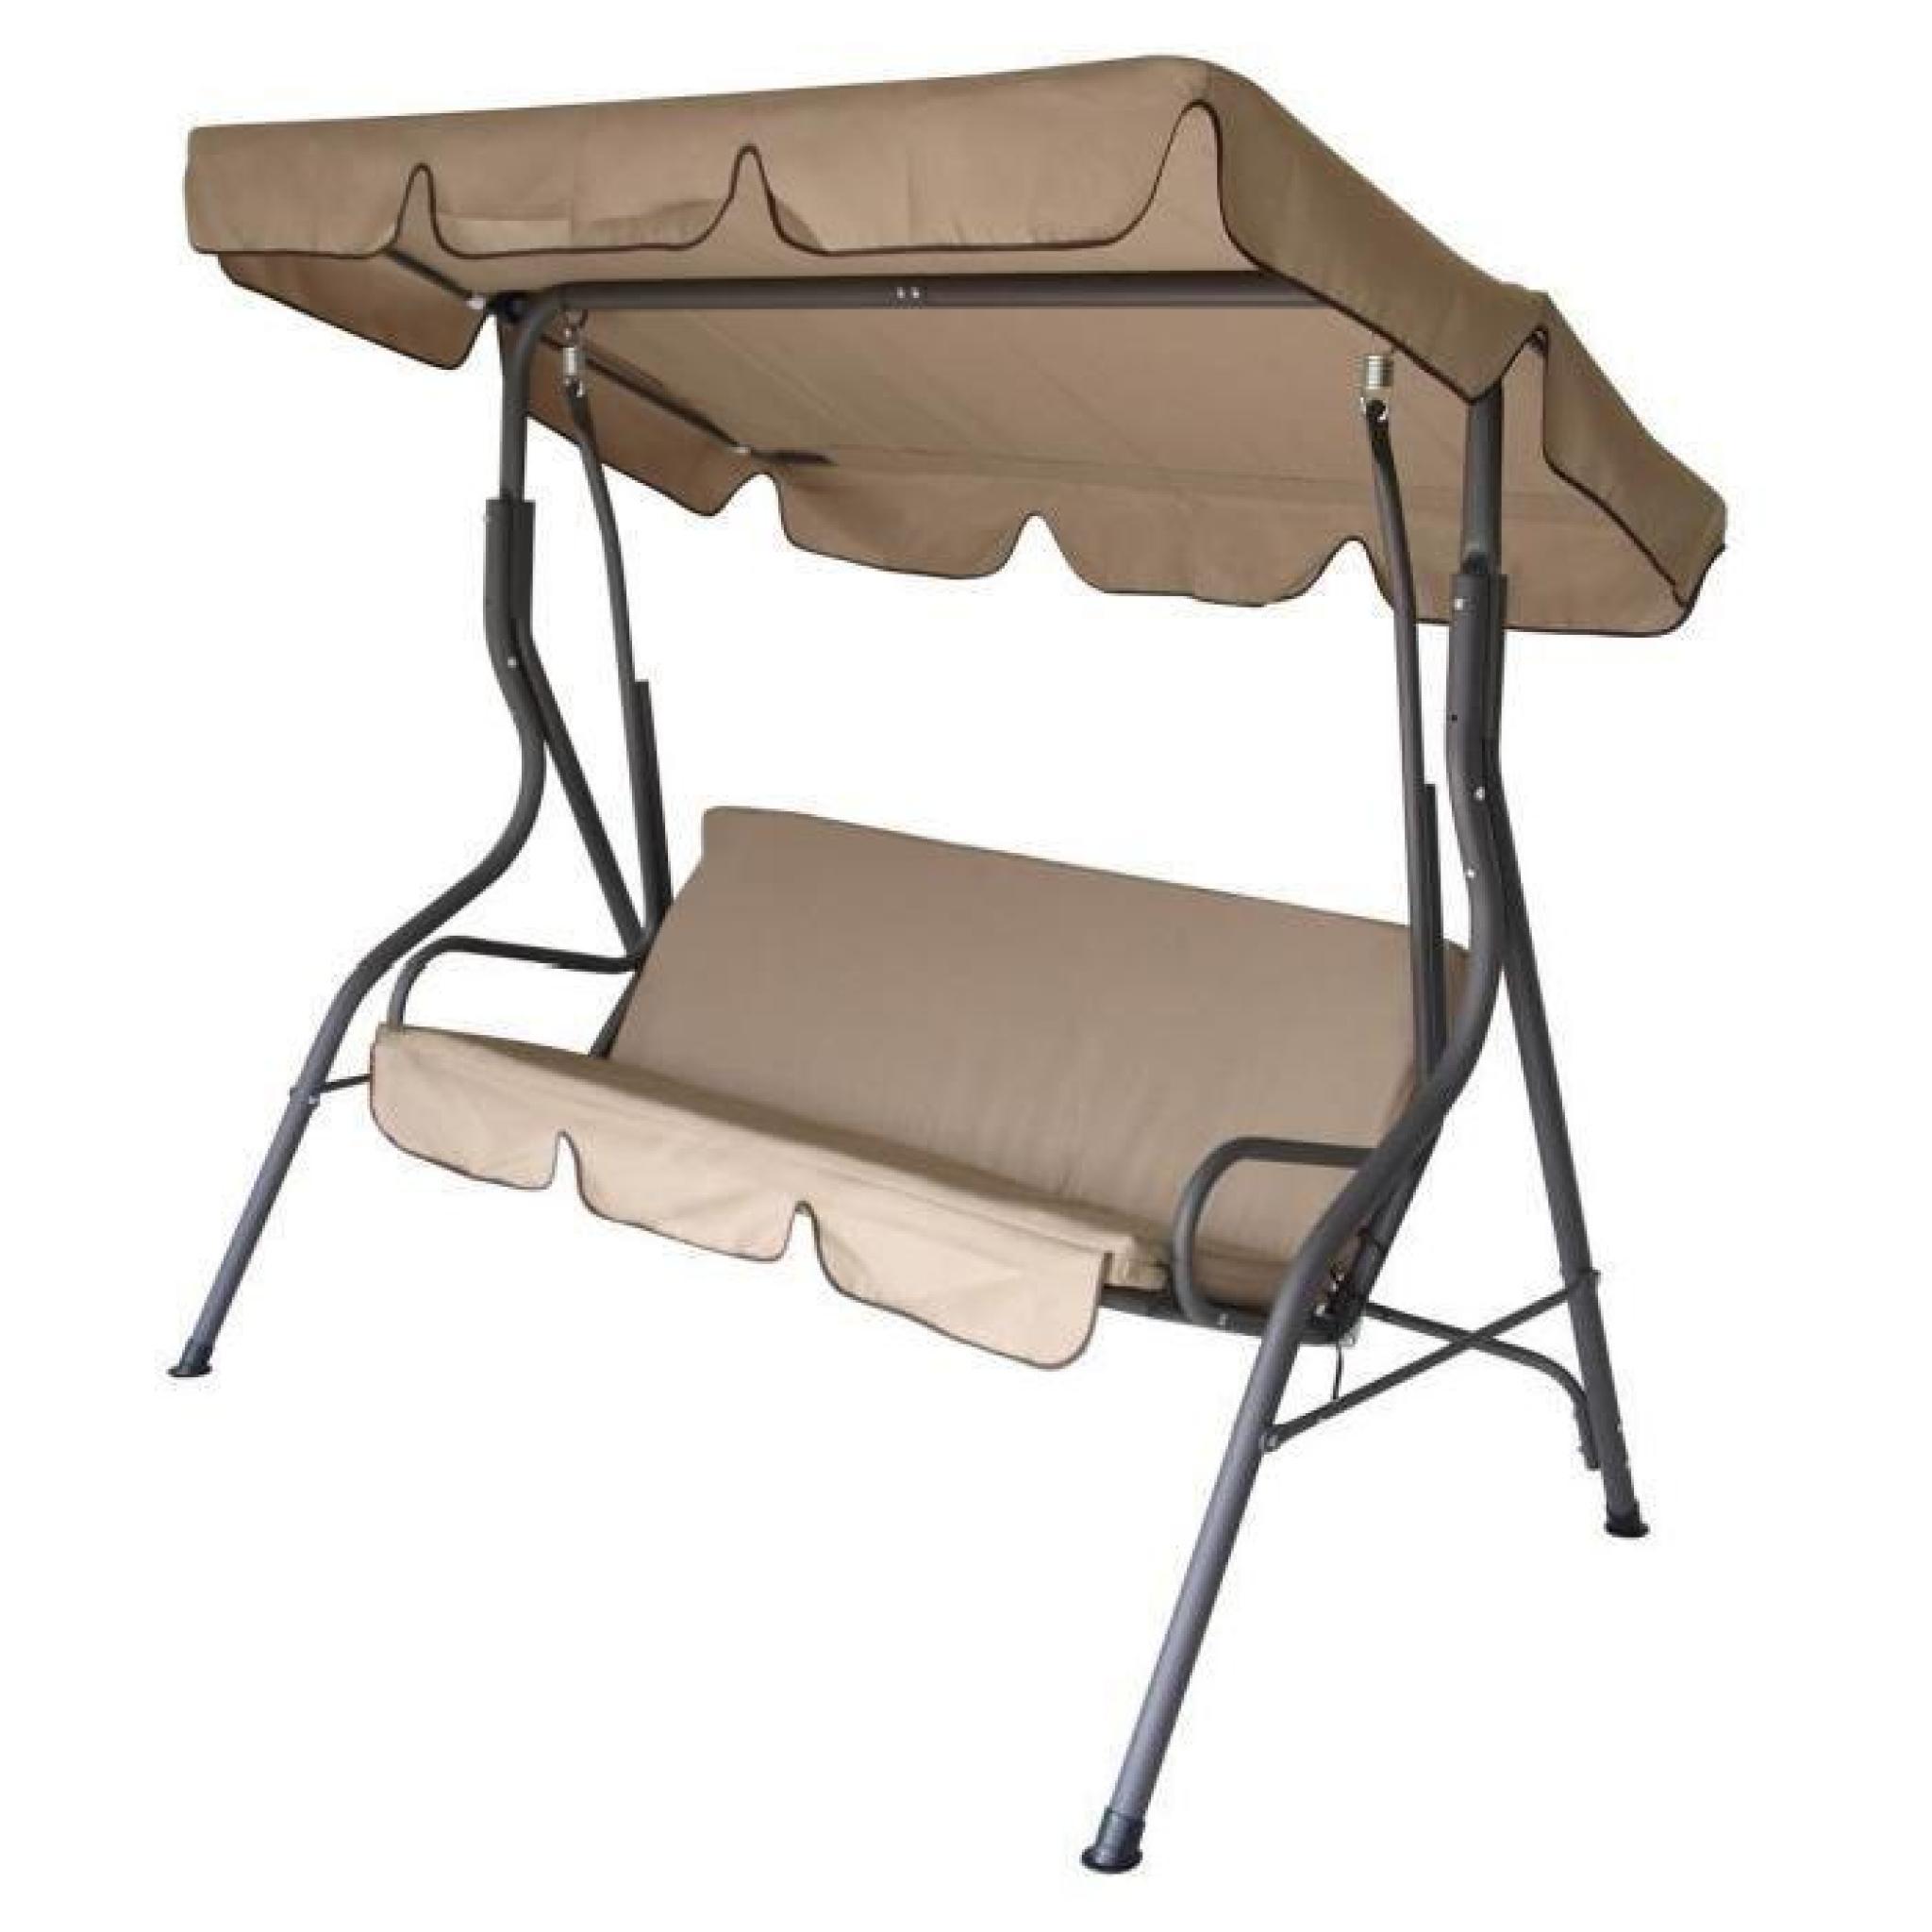 Balancelle 3 places cr me grise toile r sistant l 39 eau - Toile de toit pour balancelle de jardin ...